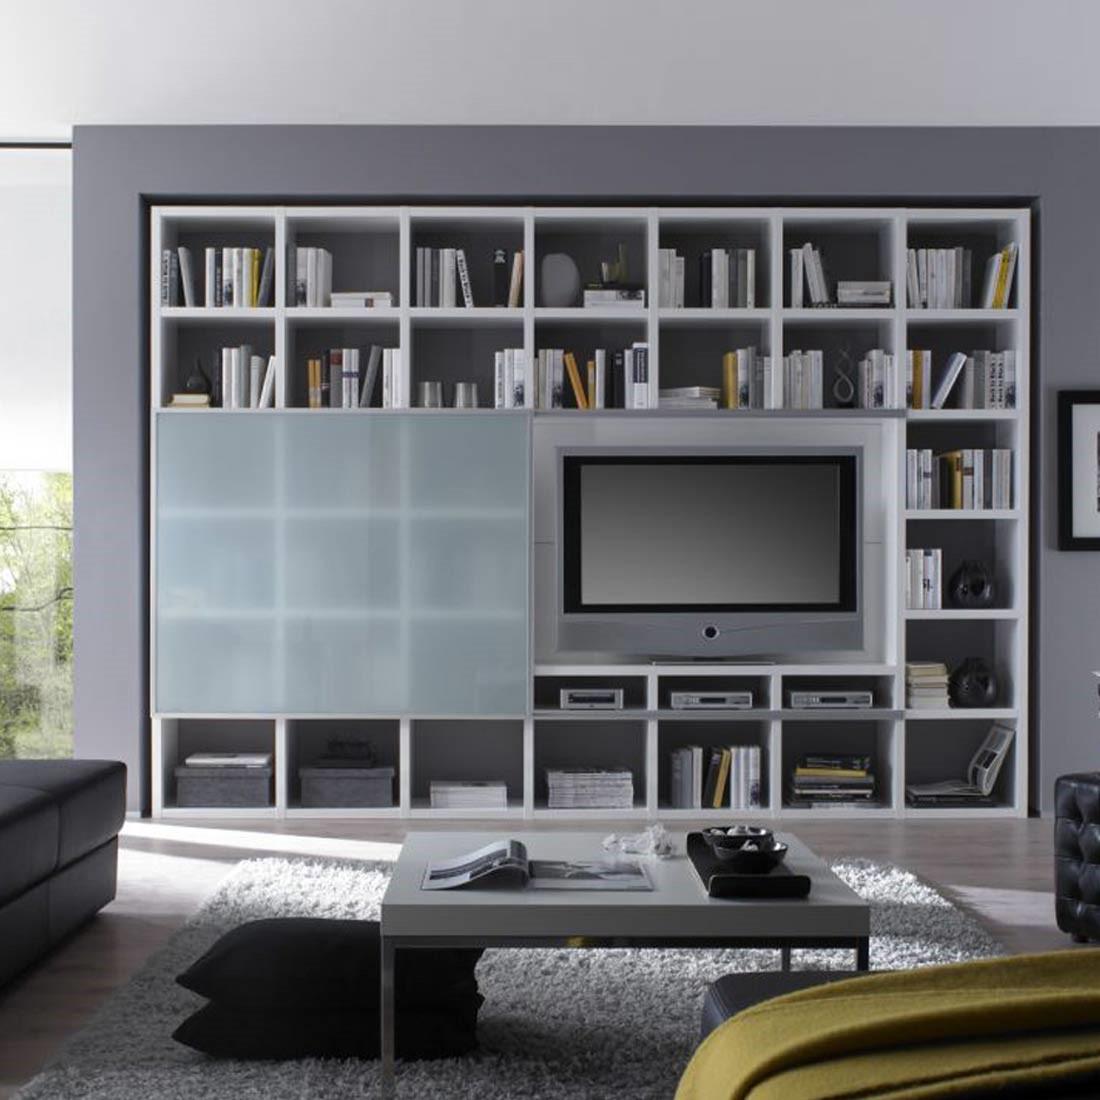 wohnwand weiss hochglanz preis vergleich 2016. Black Bedroom Furniture Sets. Home Design Ideas